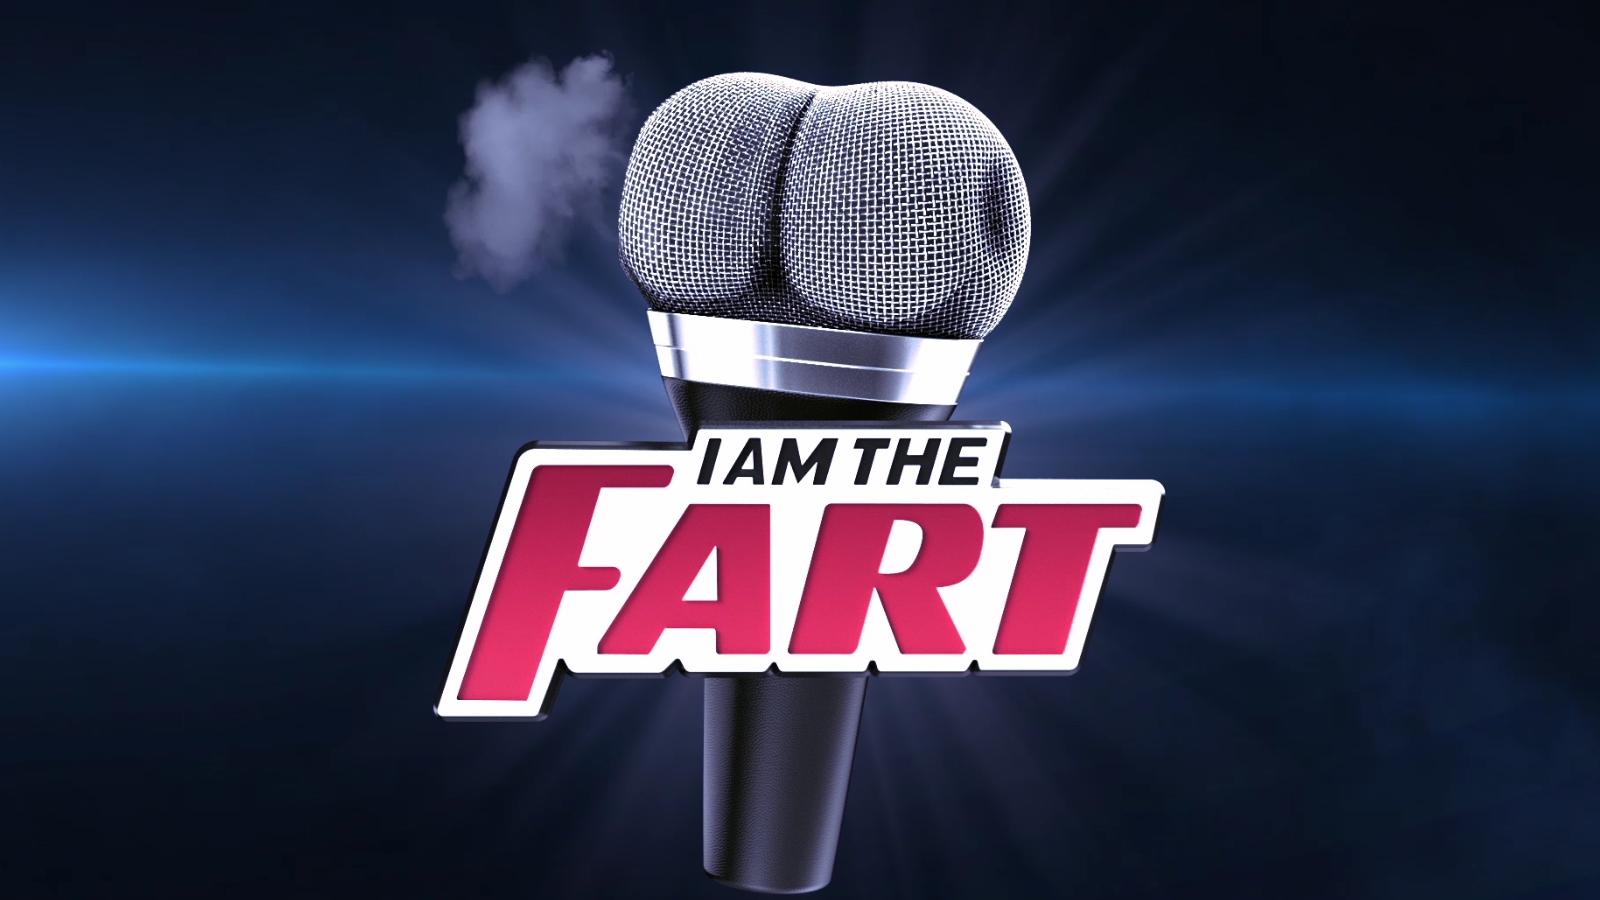 """Ubisoft presenta """"I am the Fart"""", el concurso más gamberro"""